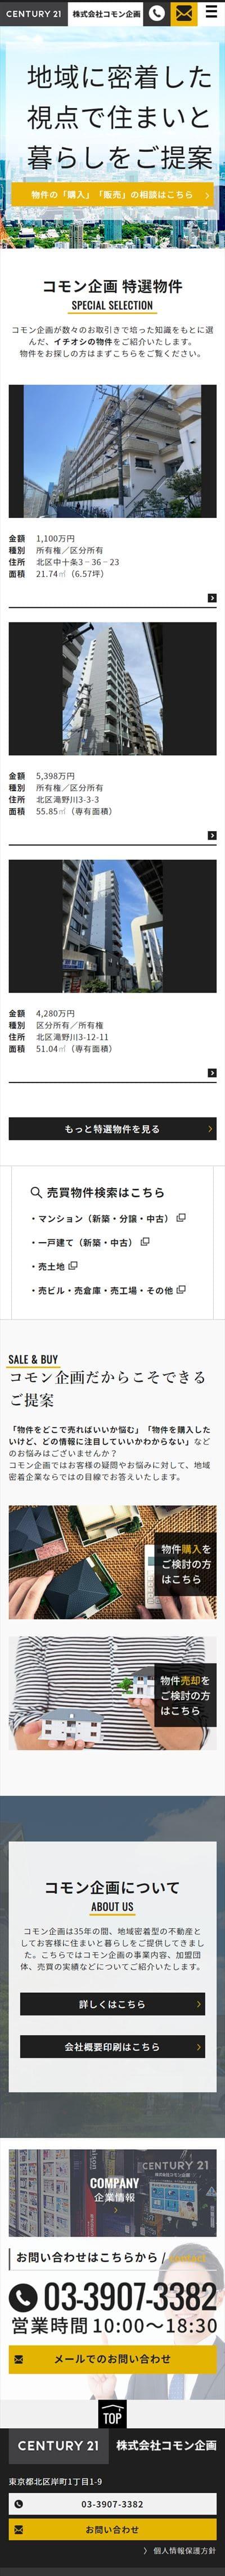 株式会社コモン企画